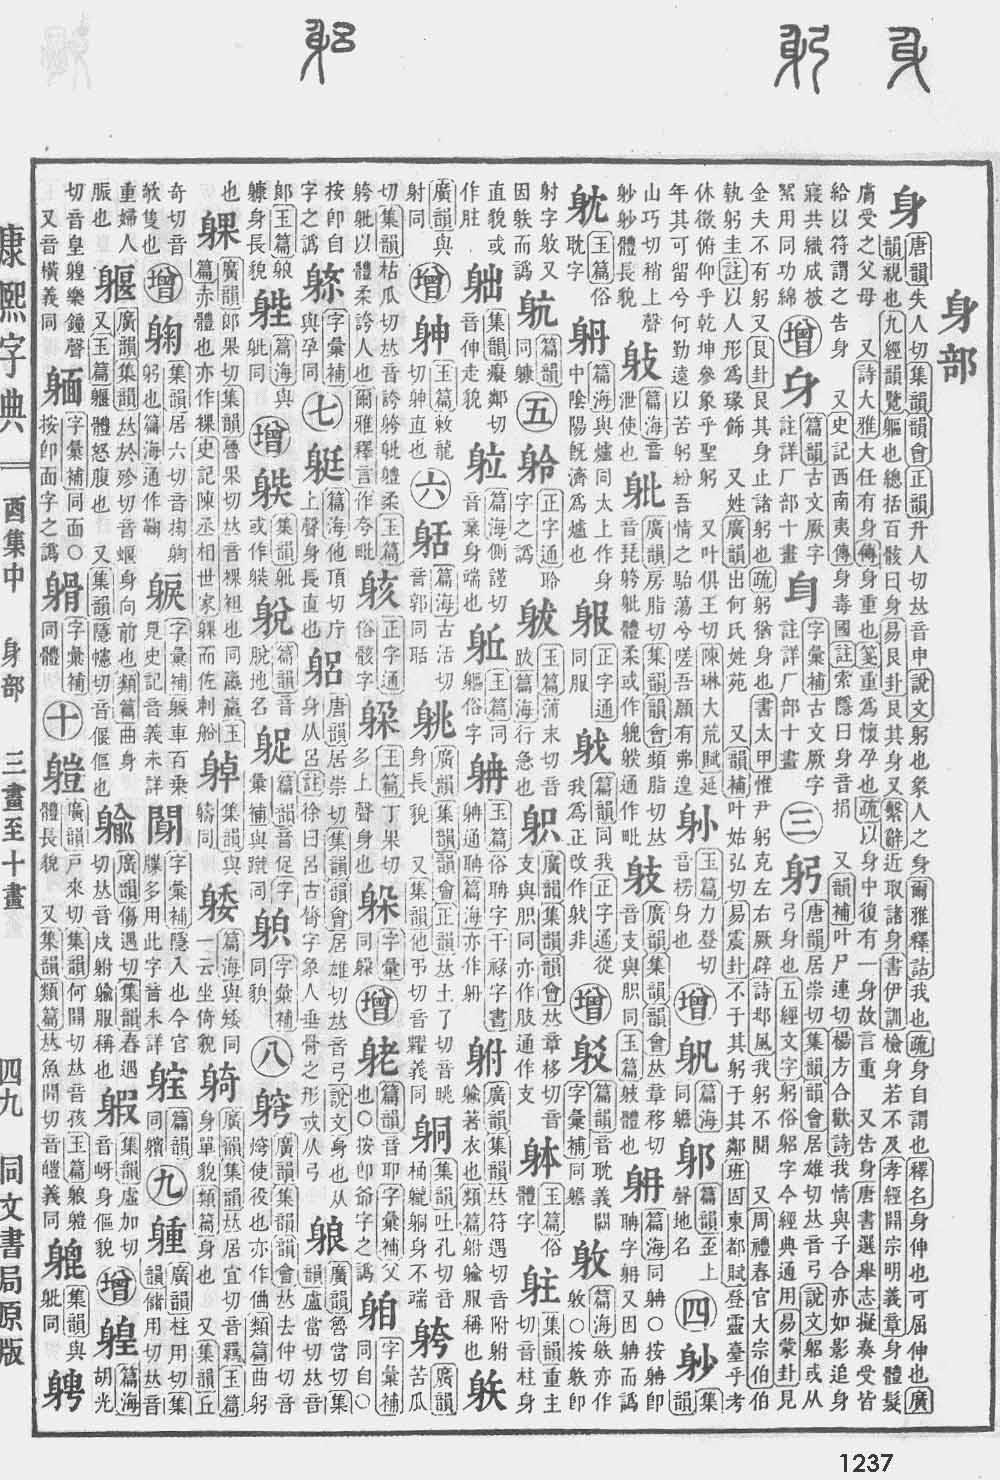 《康熙字典》第1237页